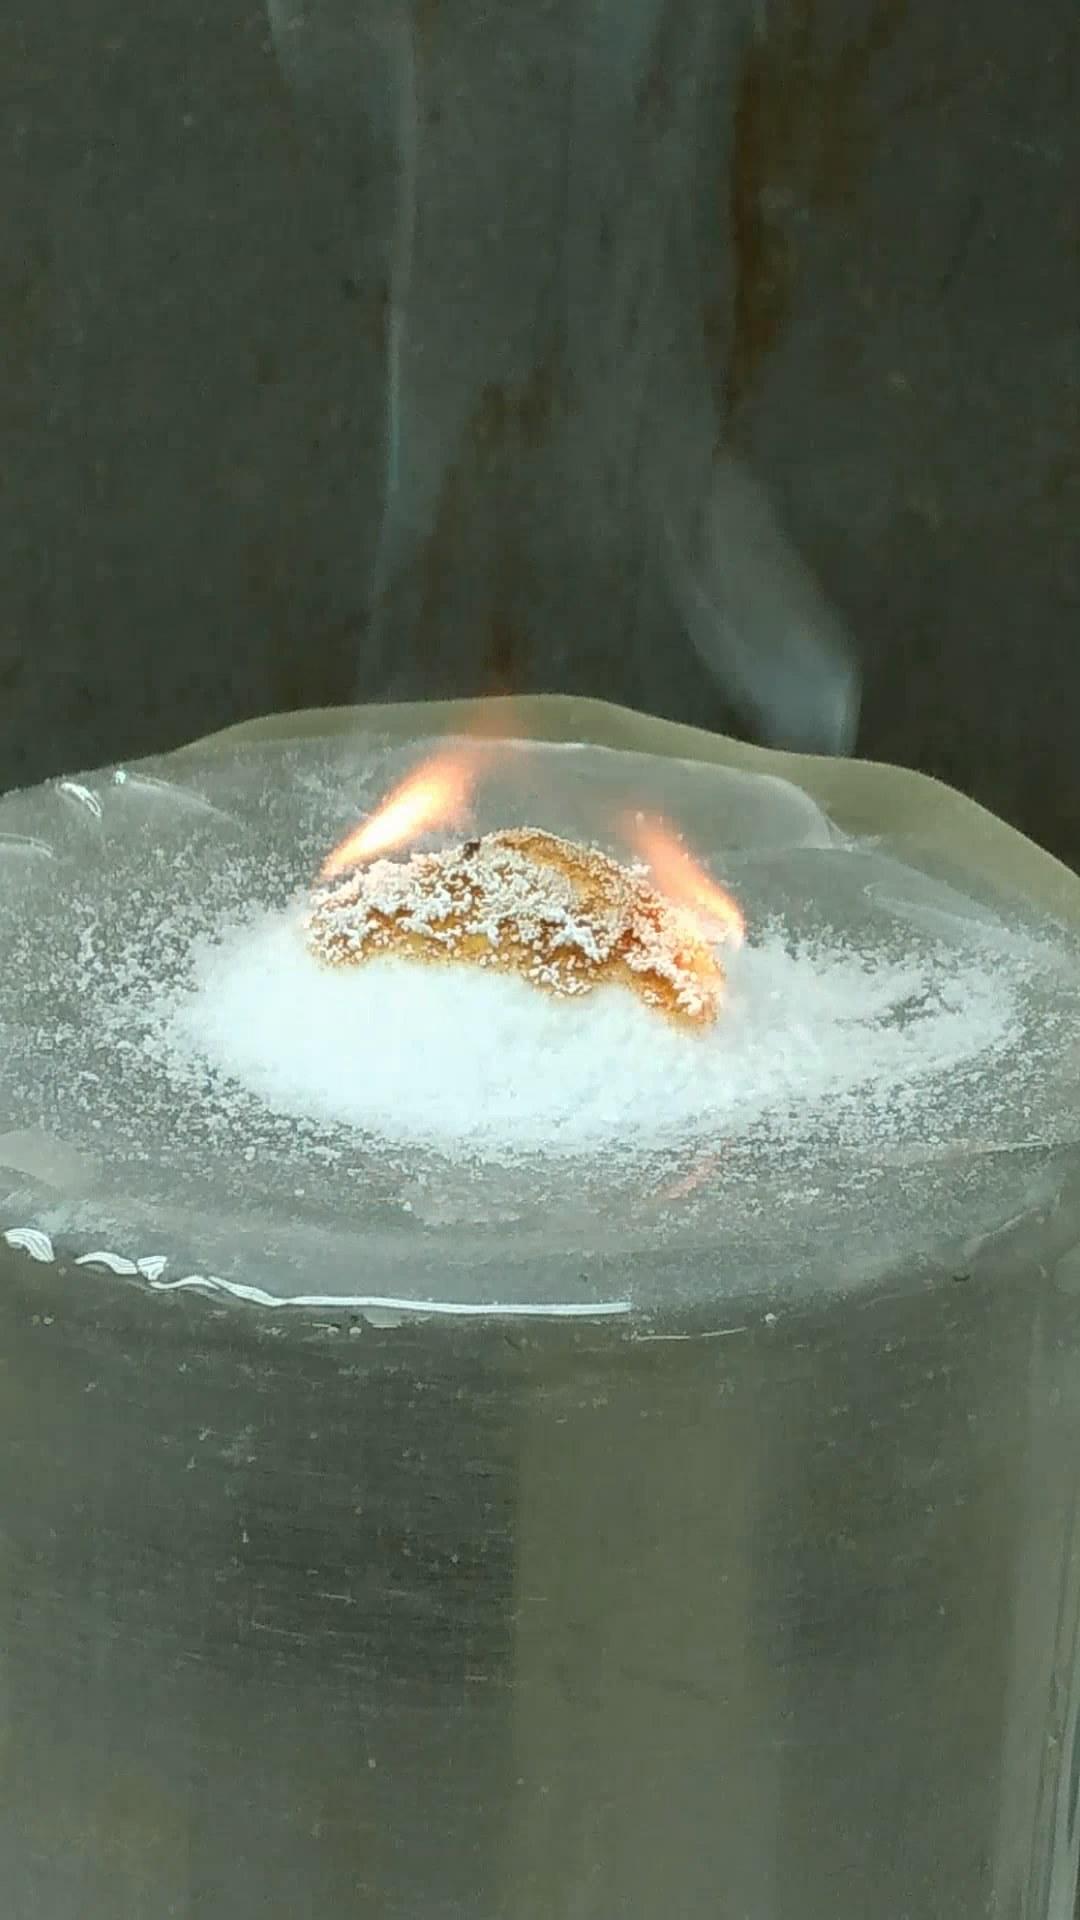 Горение гипофосфита кальция. Burning of calcium hypophosphite